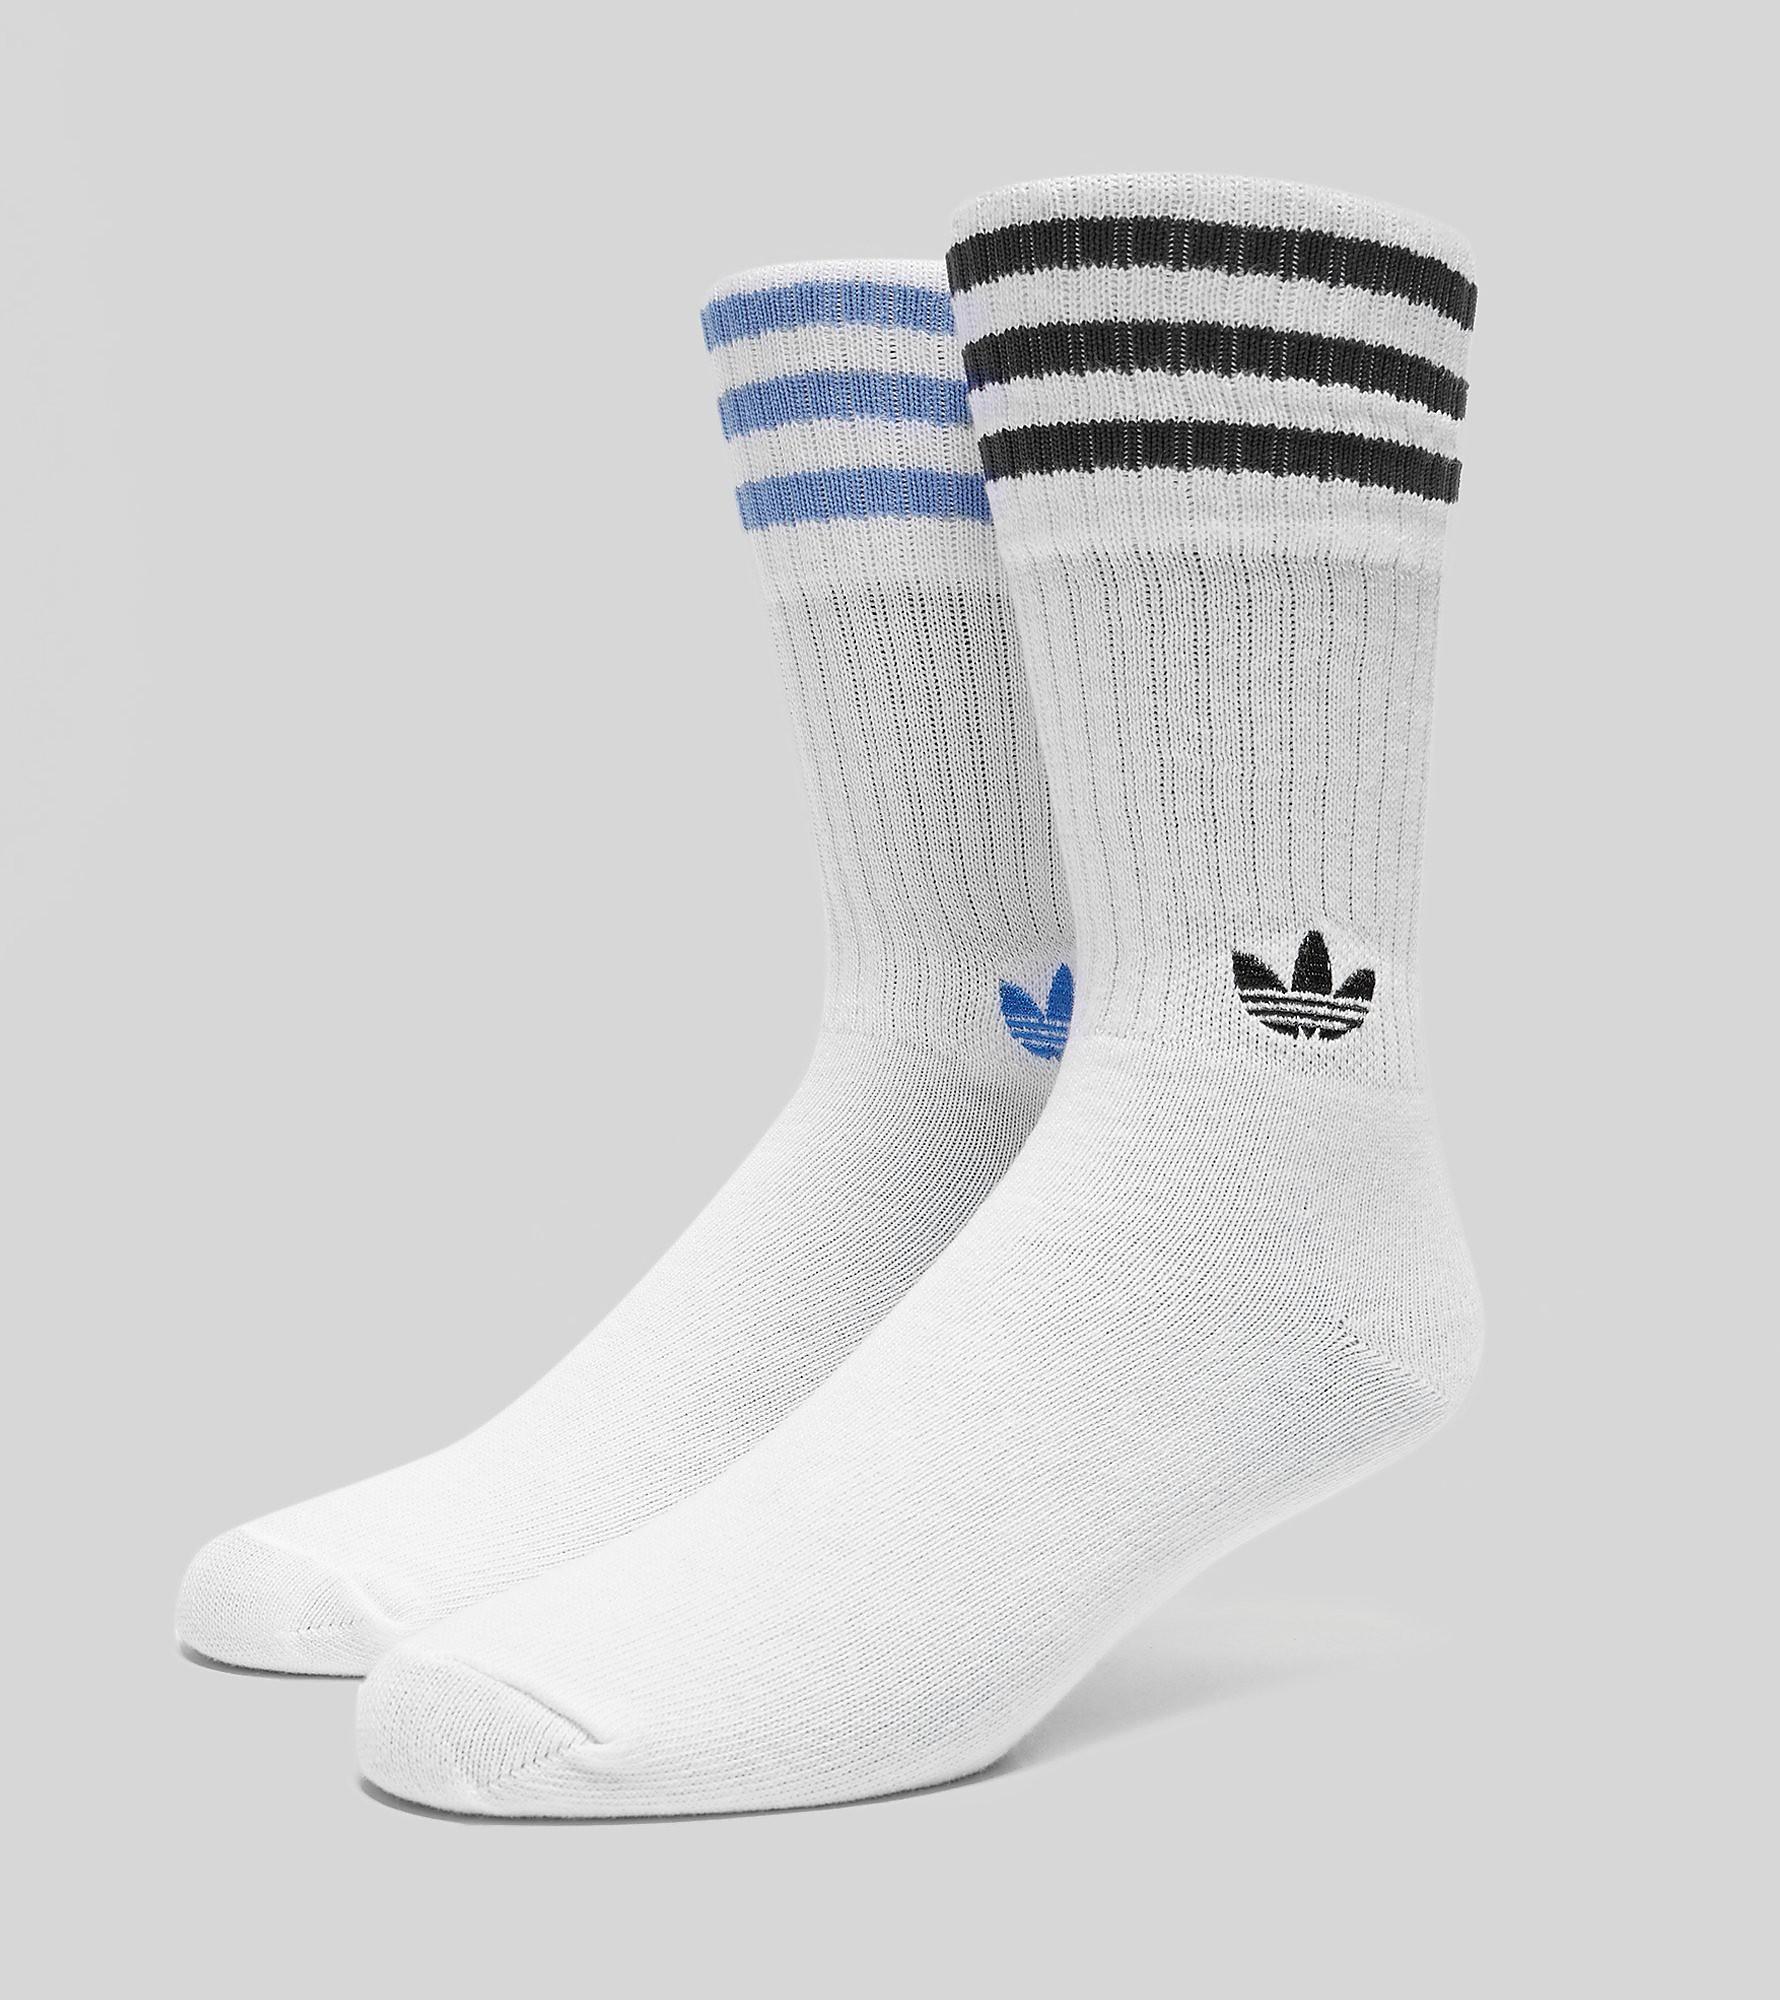 adidas Originals Crew Socks 2 Pack